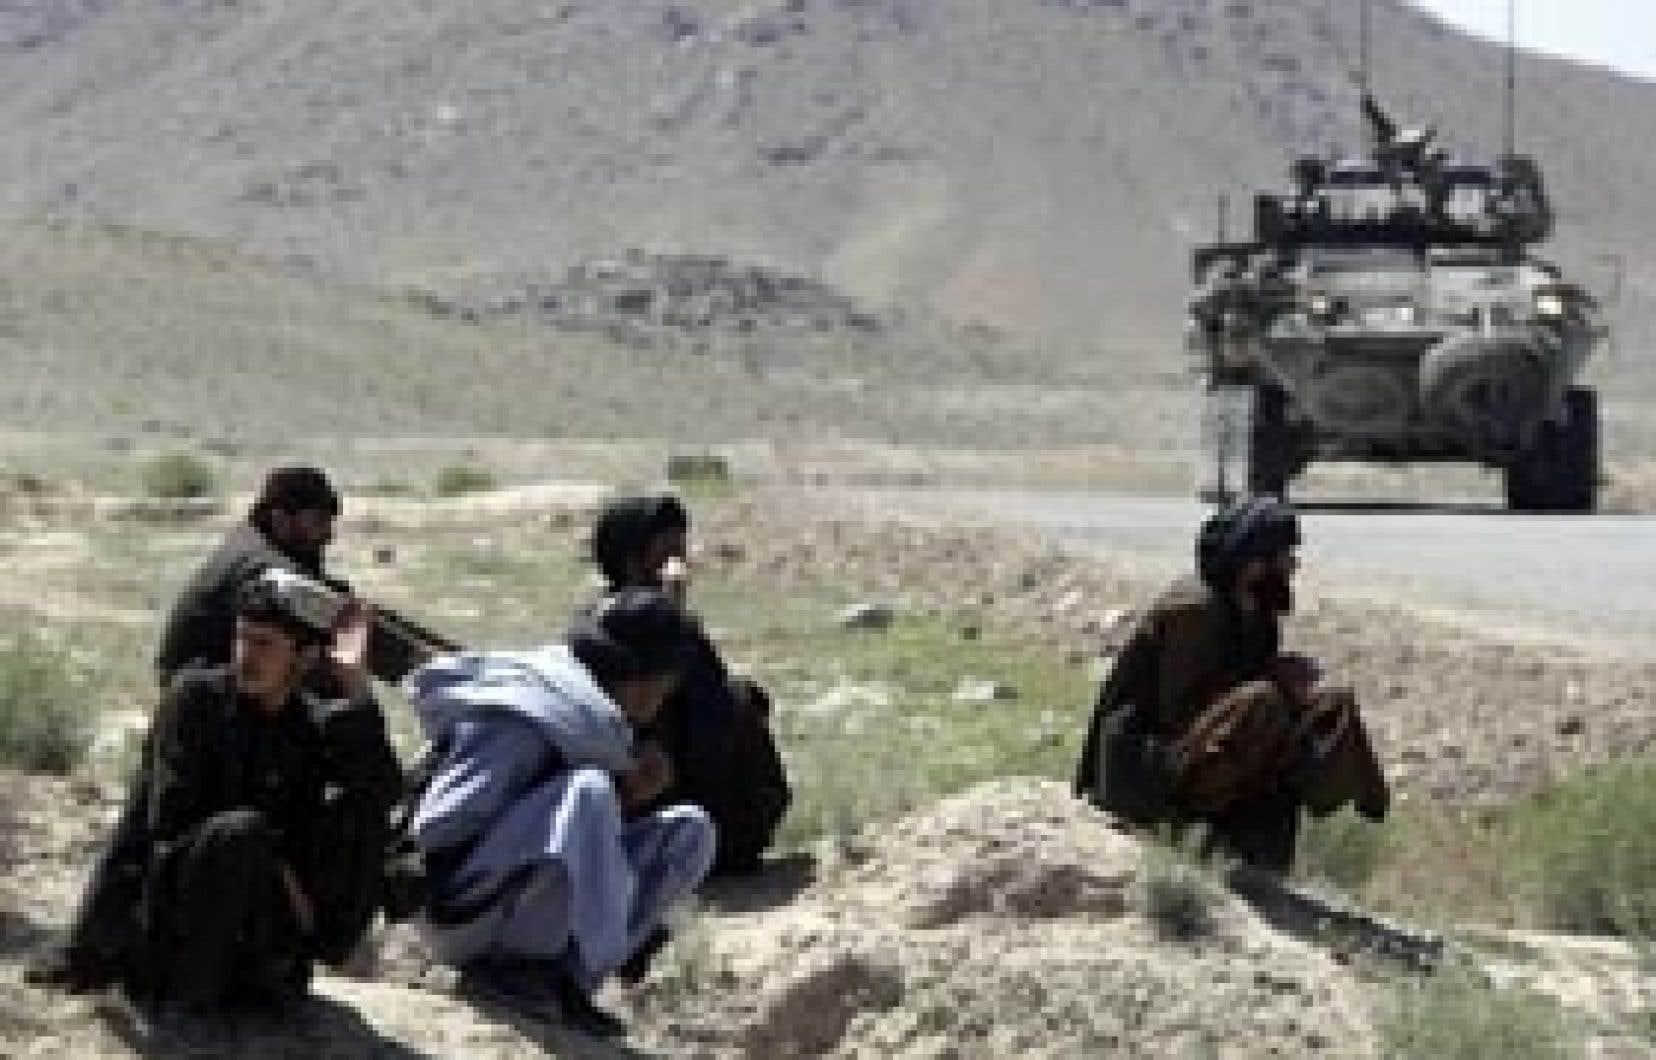 La situation en Afghanistan est discutée sur toutes les tribunes ces temps-ci.